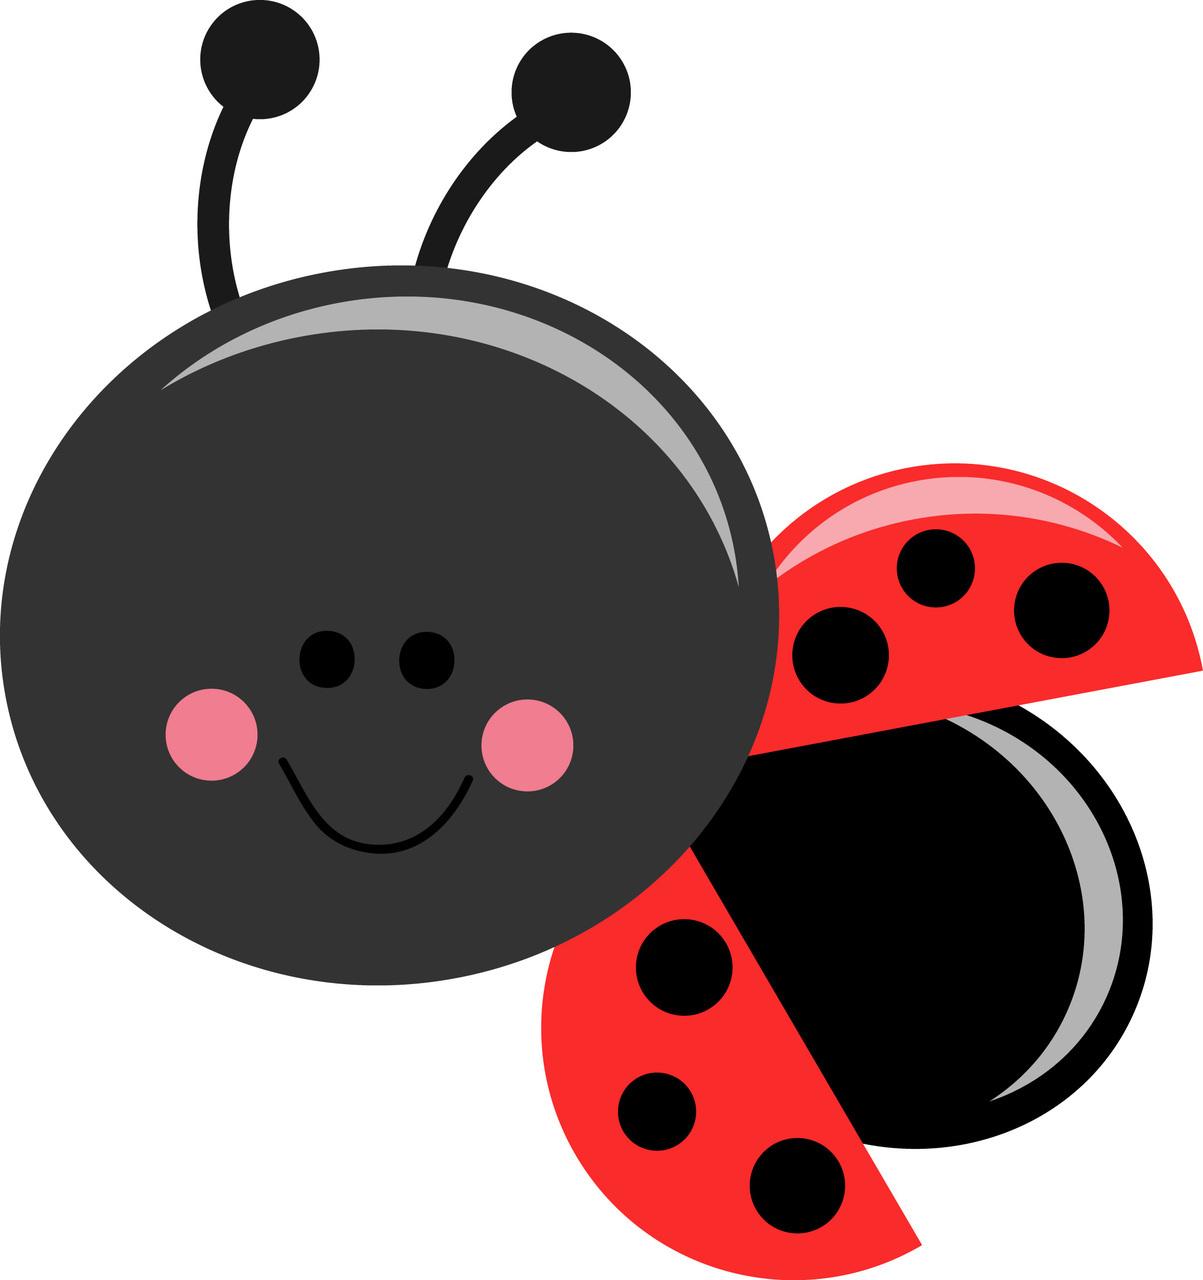 Cute Ladybug Images Clipart Best-Cute Ladybug Images Clipart Best-7